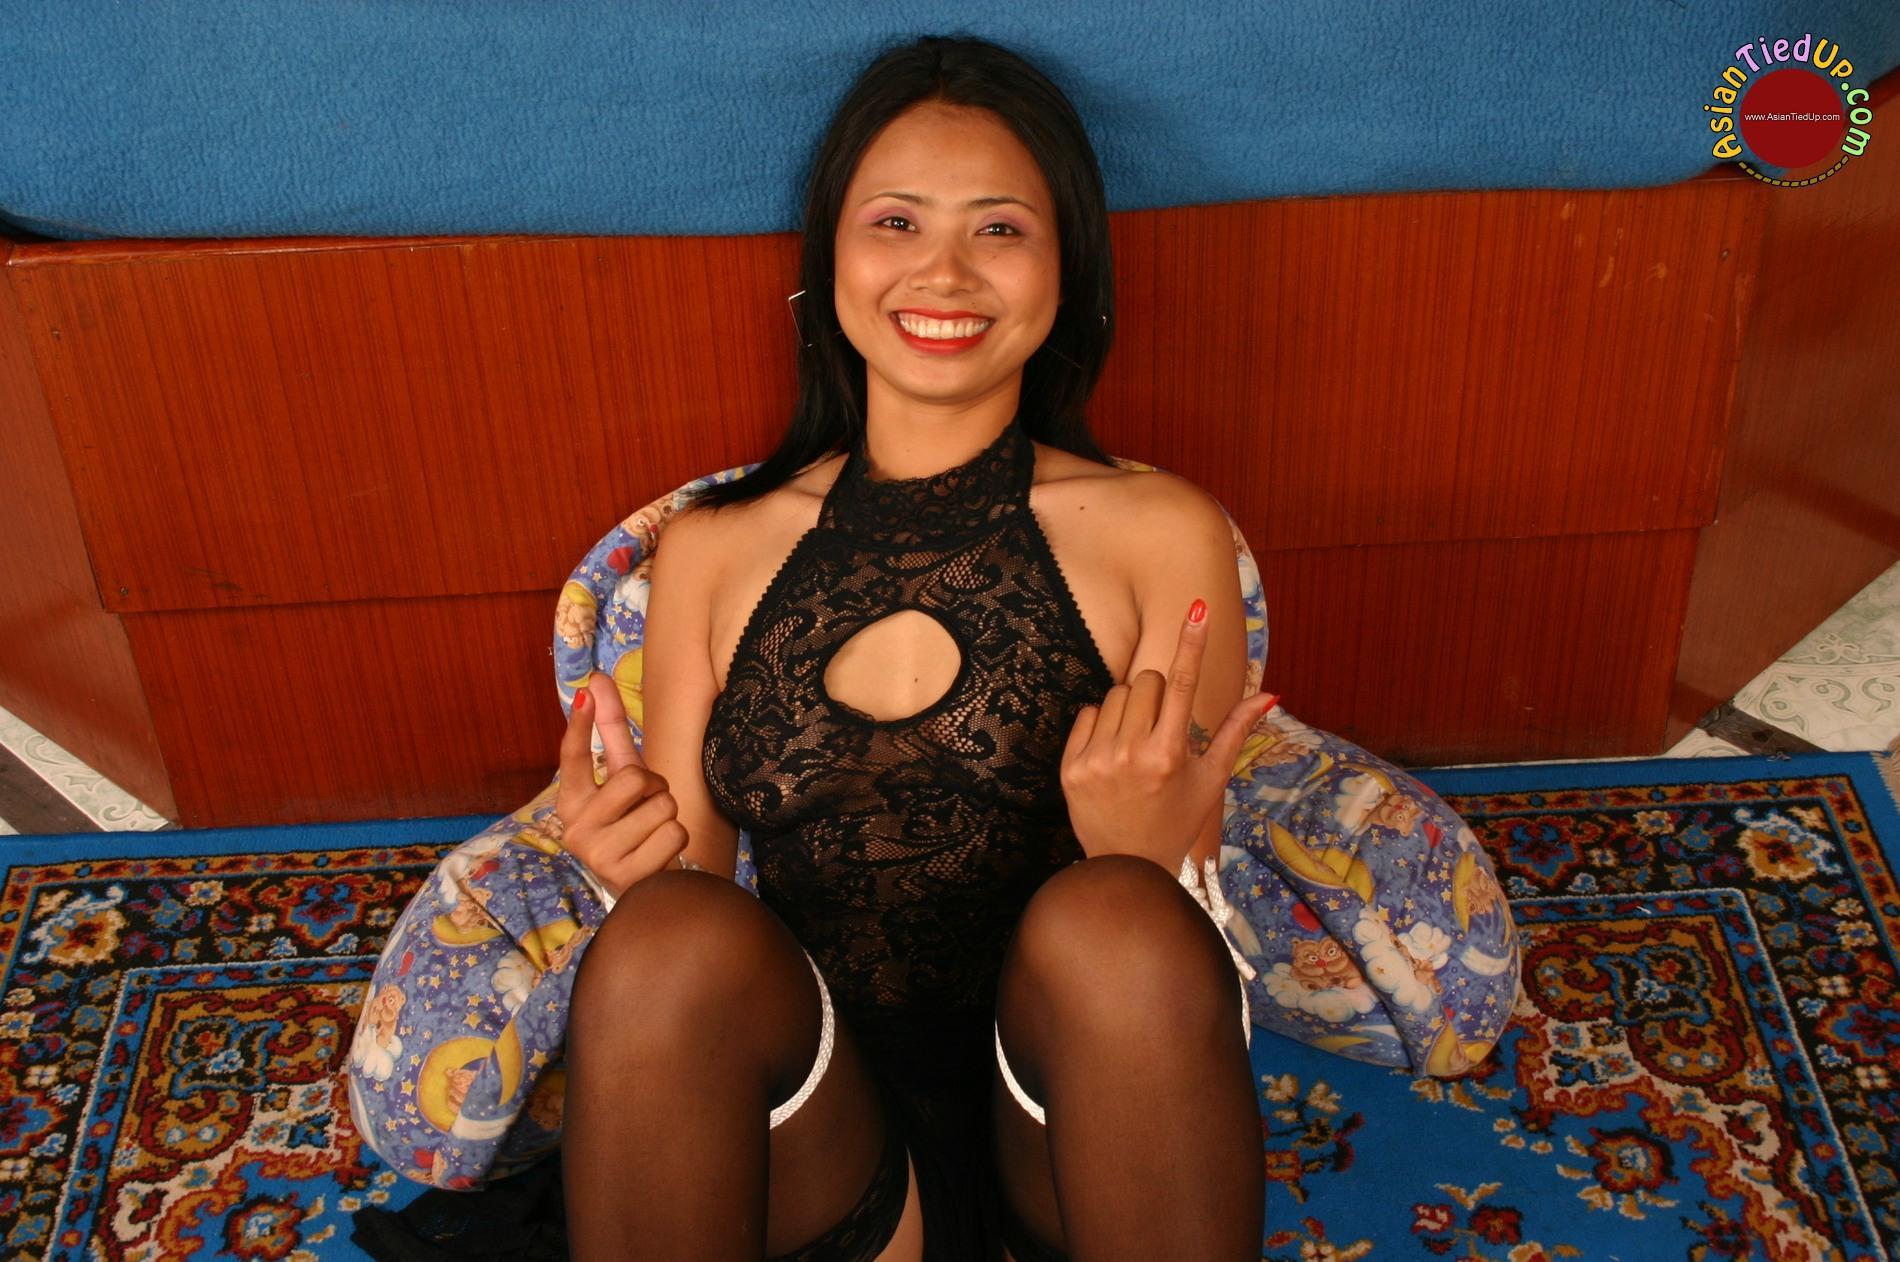 Asian Slut Video Clips 111